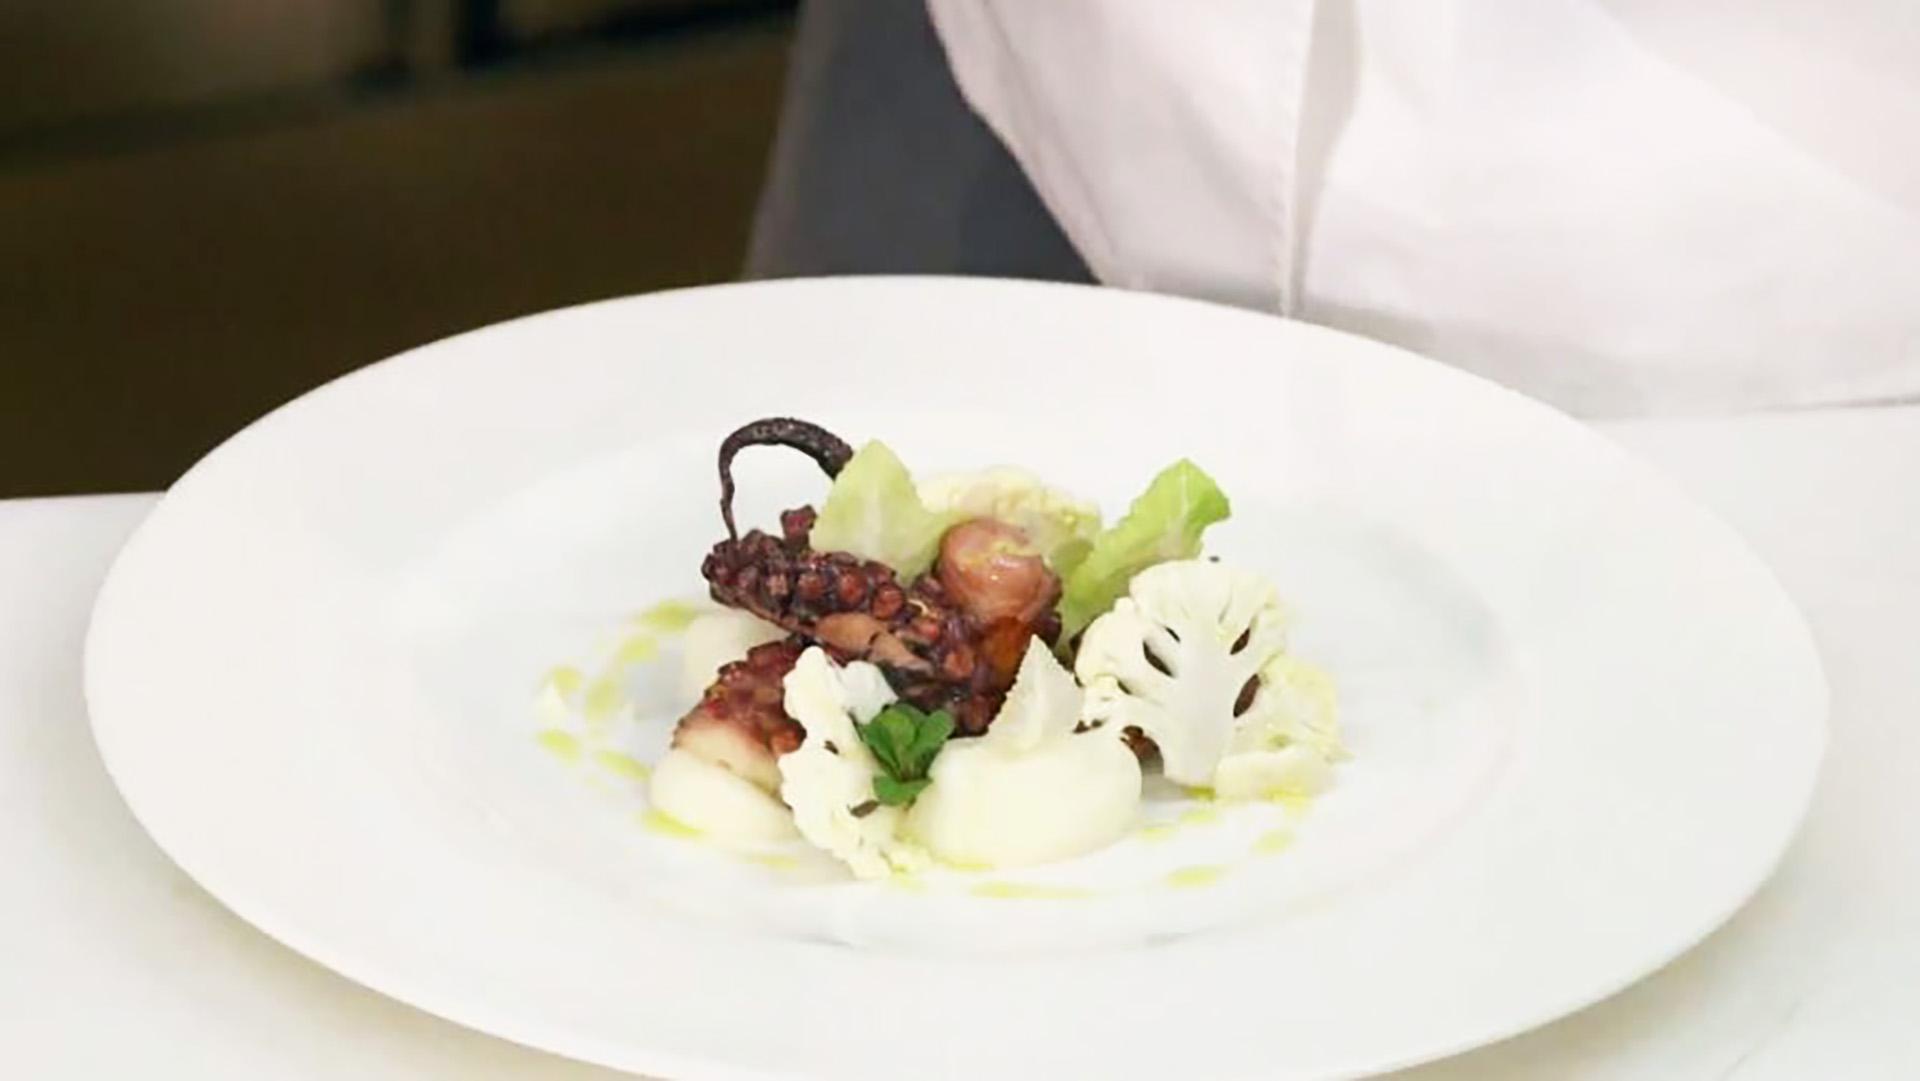 Cucine Da Incubo Italia Le Ricette Di Chef Cannavacciuolo Polpo E